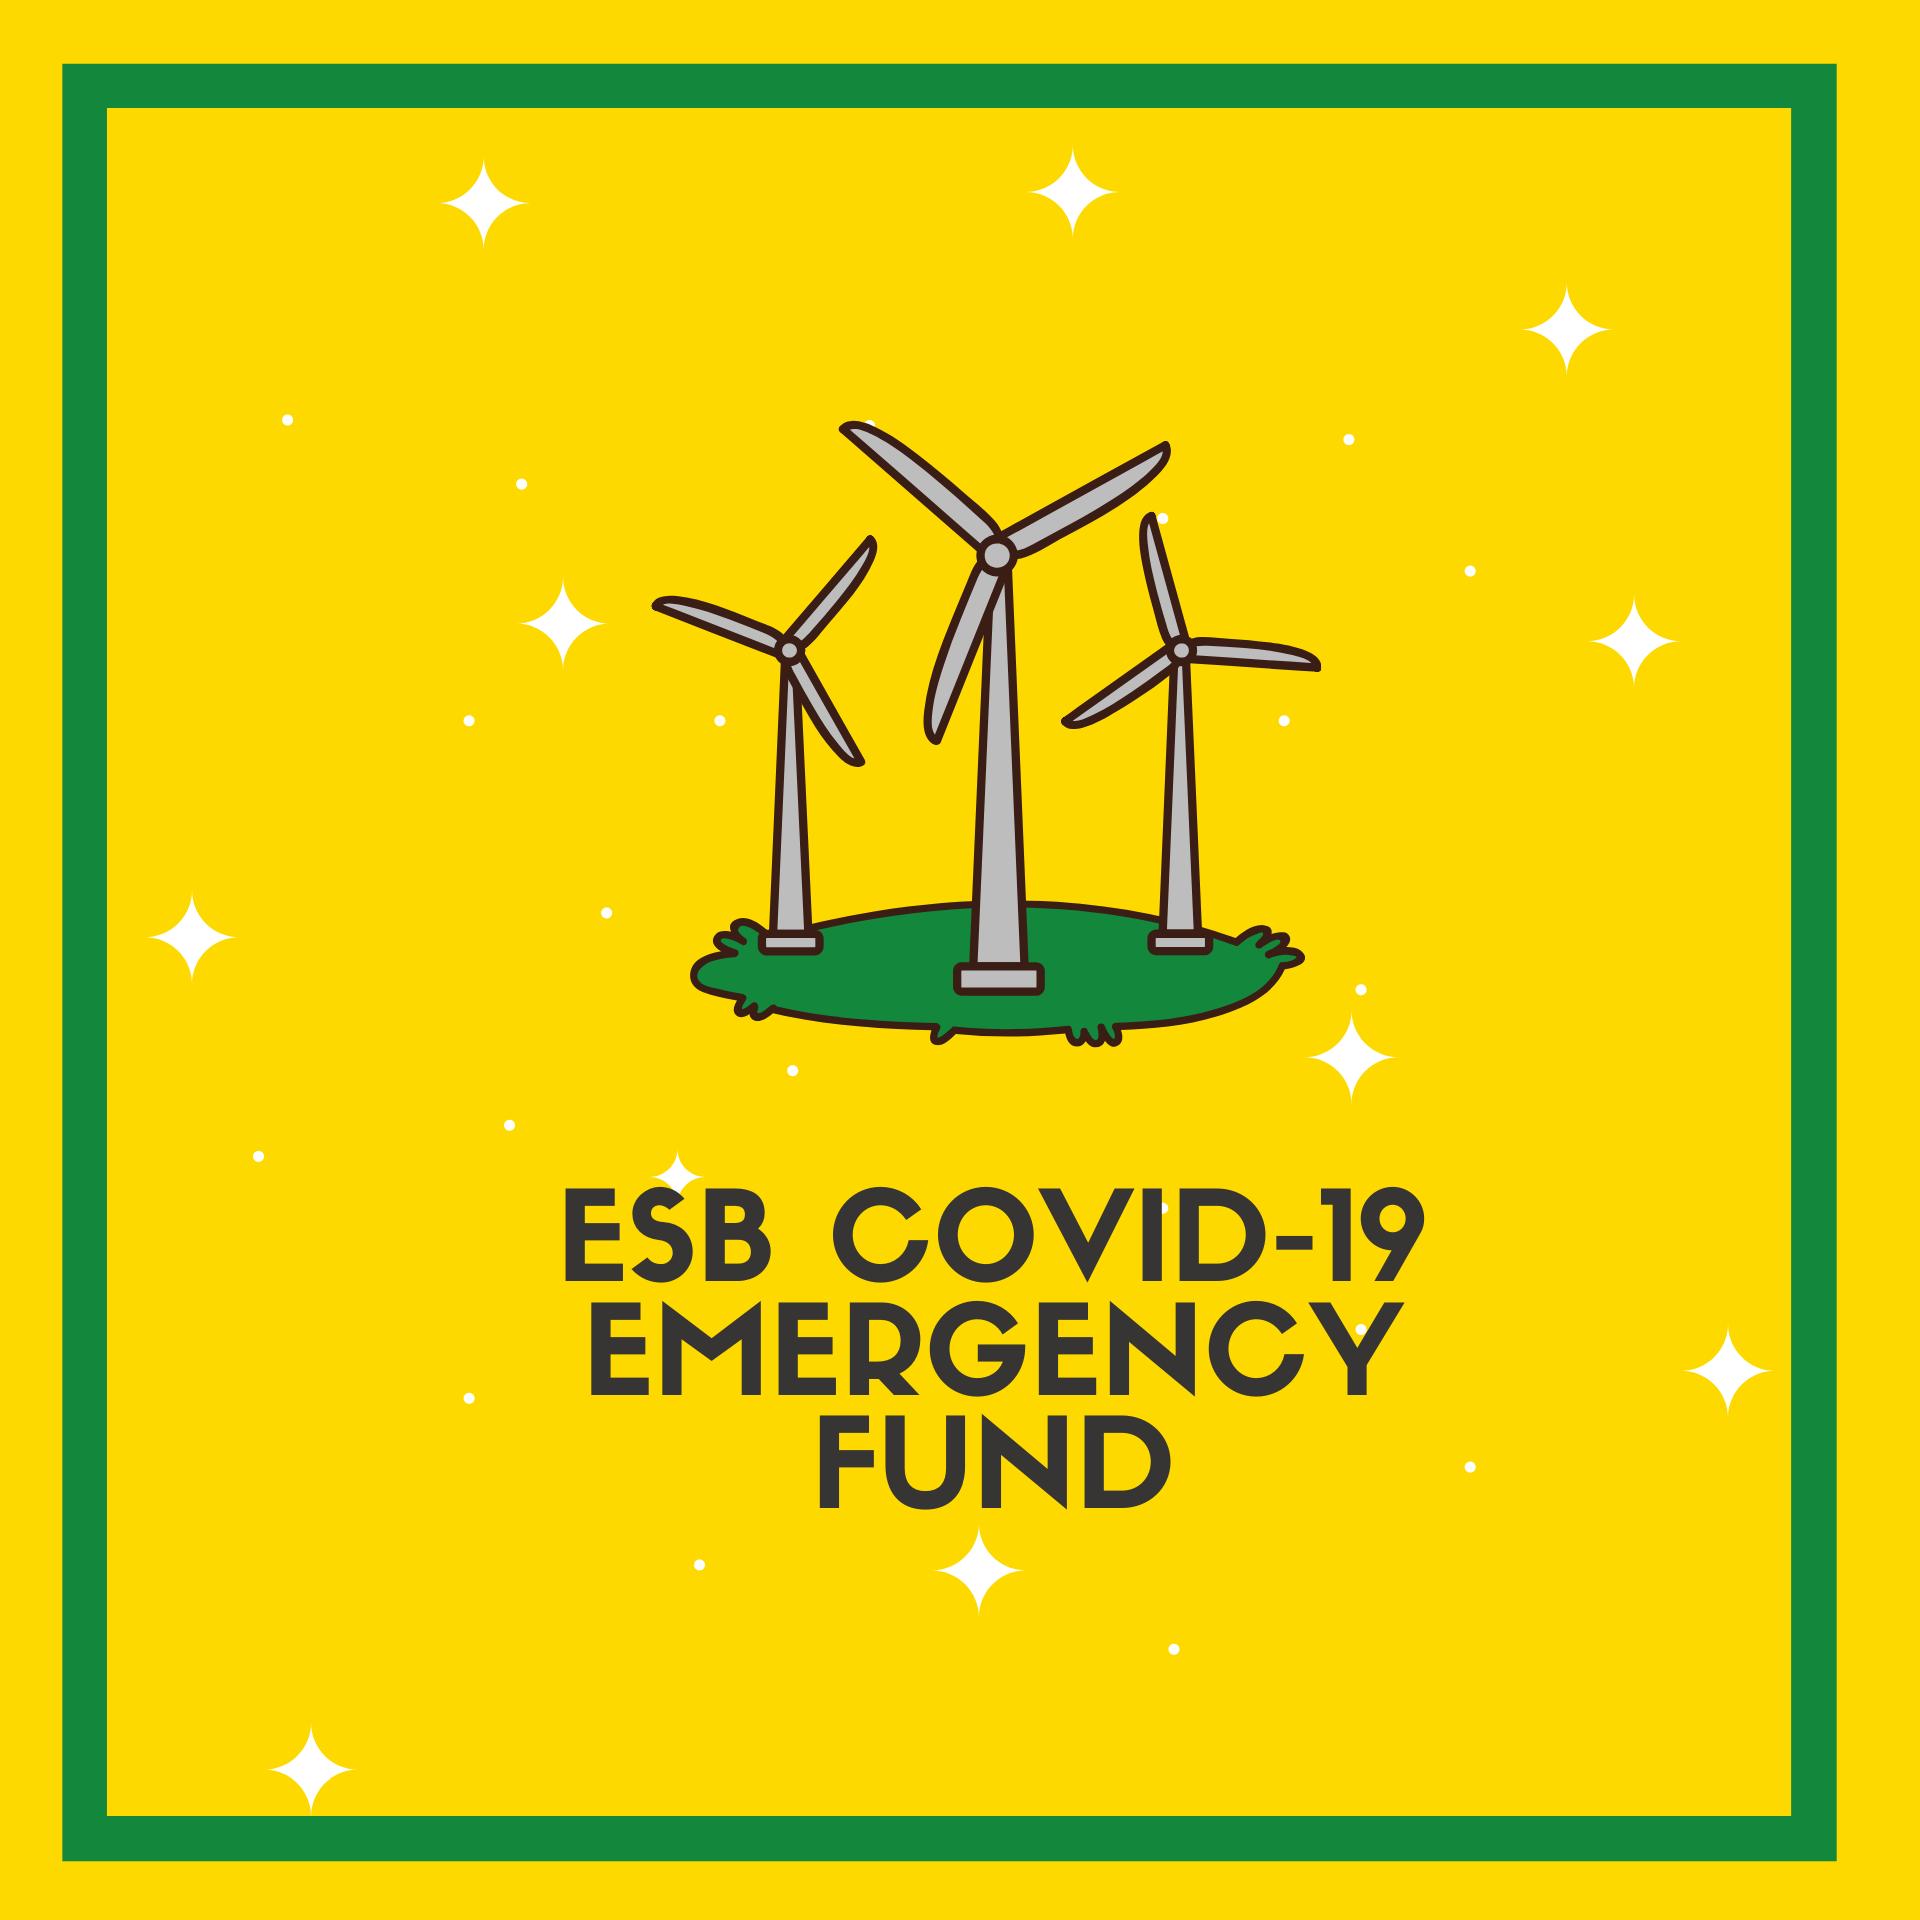 ESB Northern Ireland COVID-19 Emergency Fund